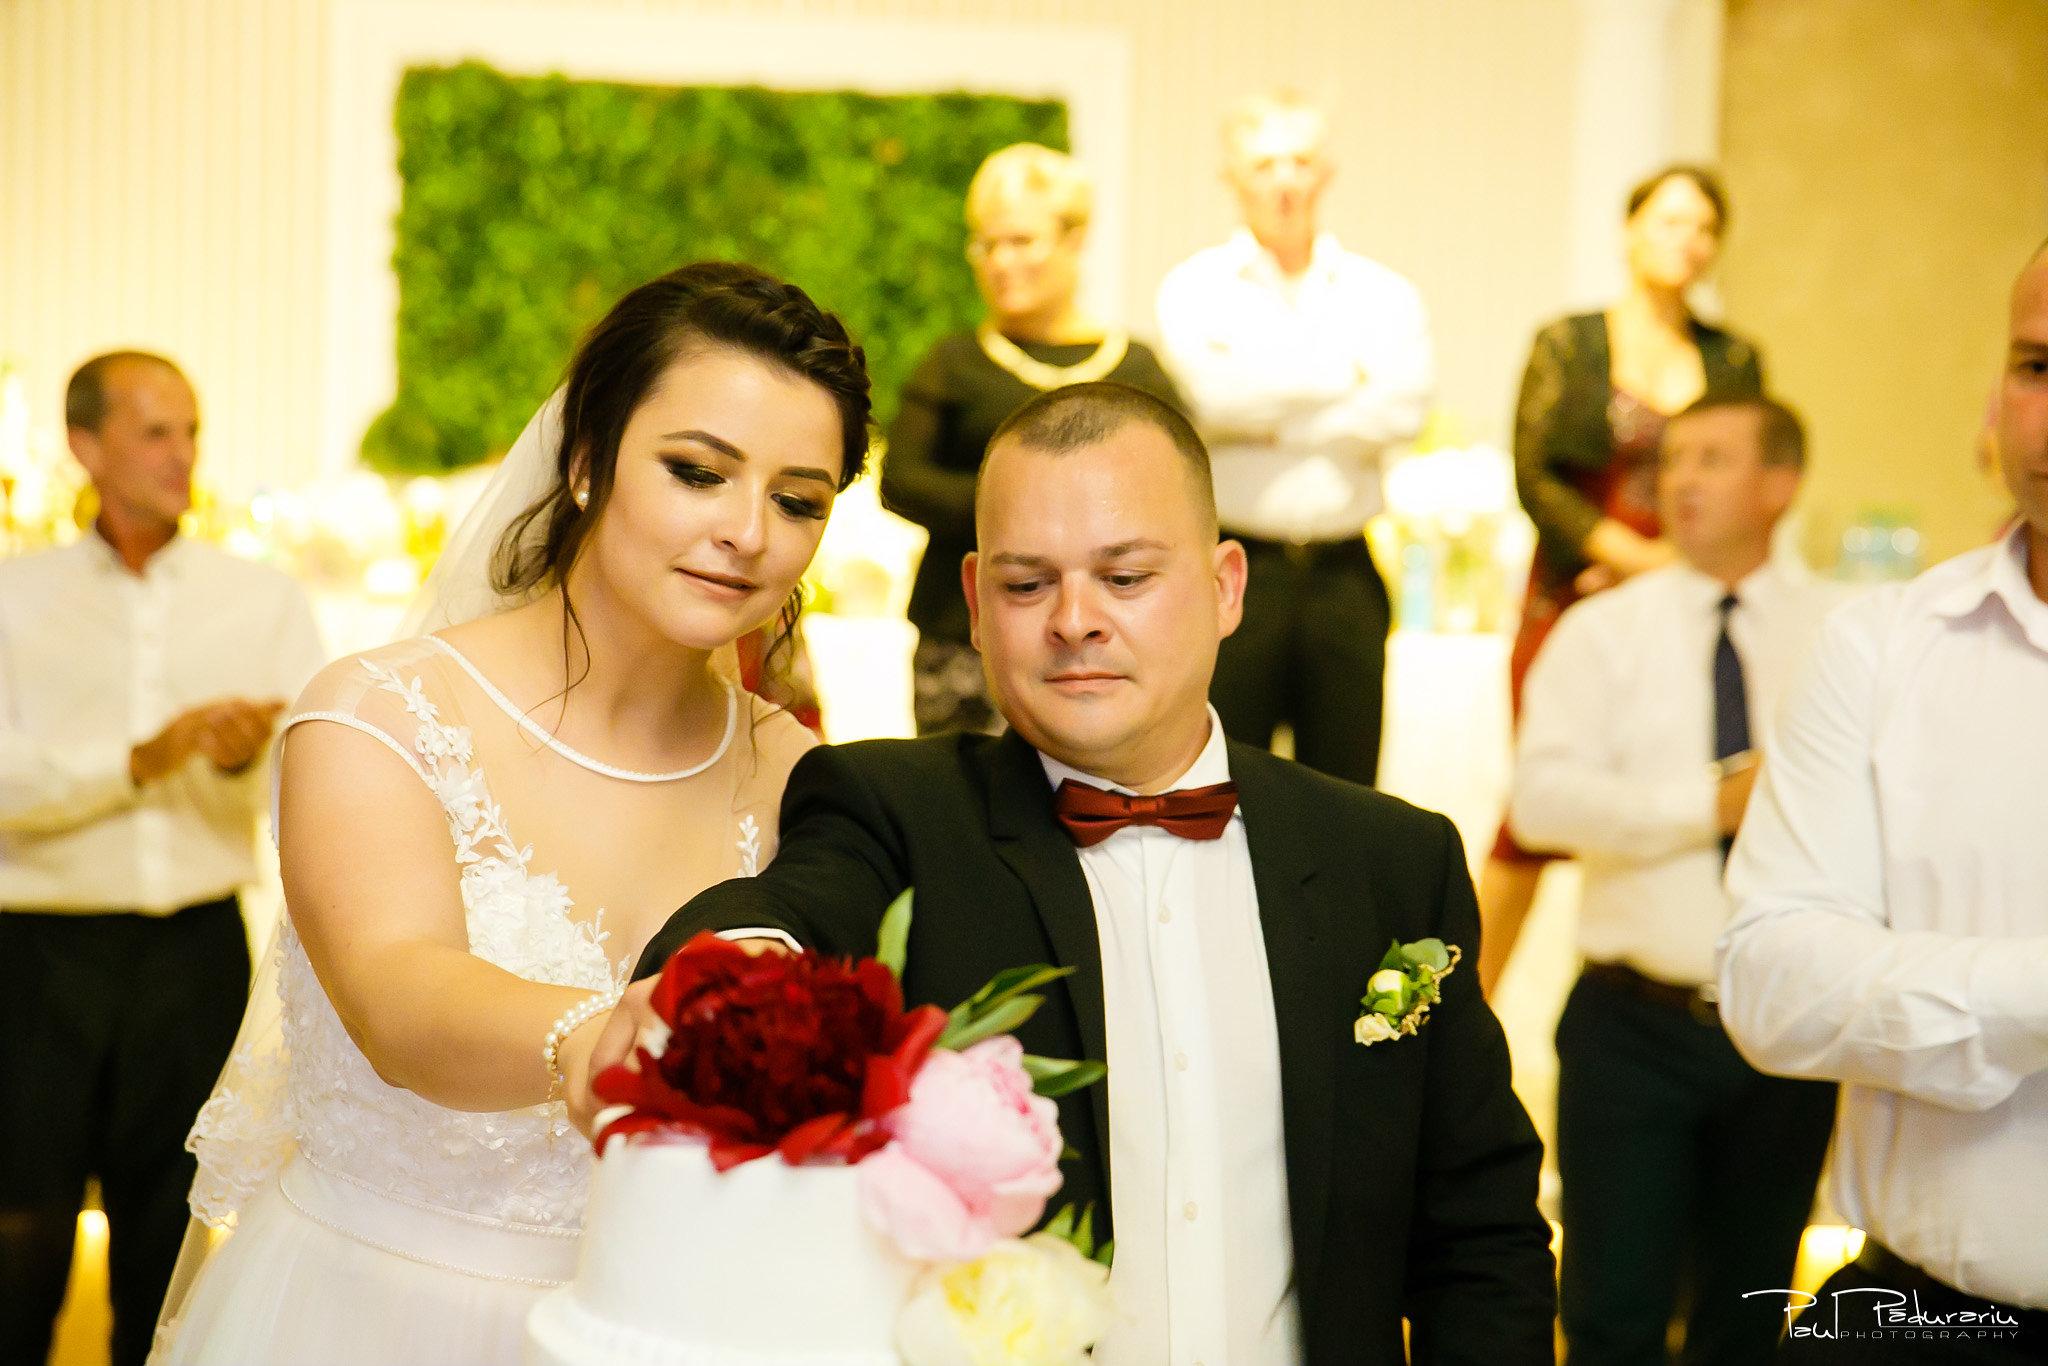 Nunta la Castel Iasi Ana-Maria si Marius fotograf profesionistwww.paulpadurariu.ro © 2018 Paul Padurariu 14